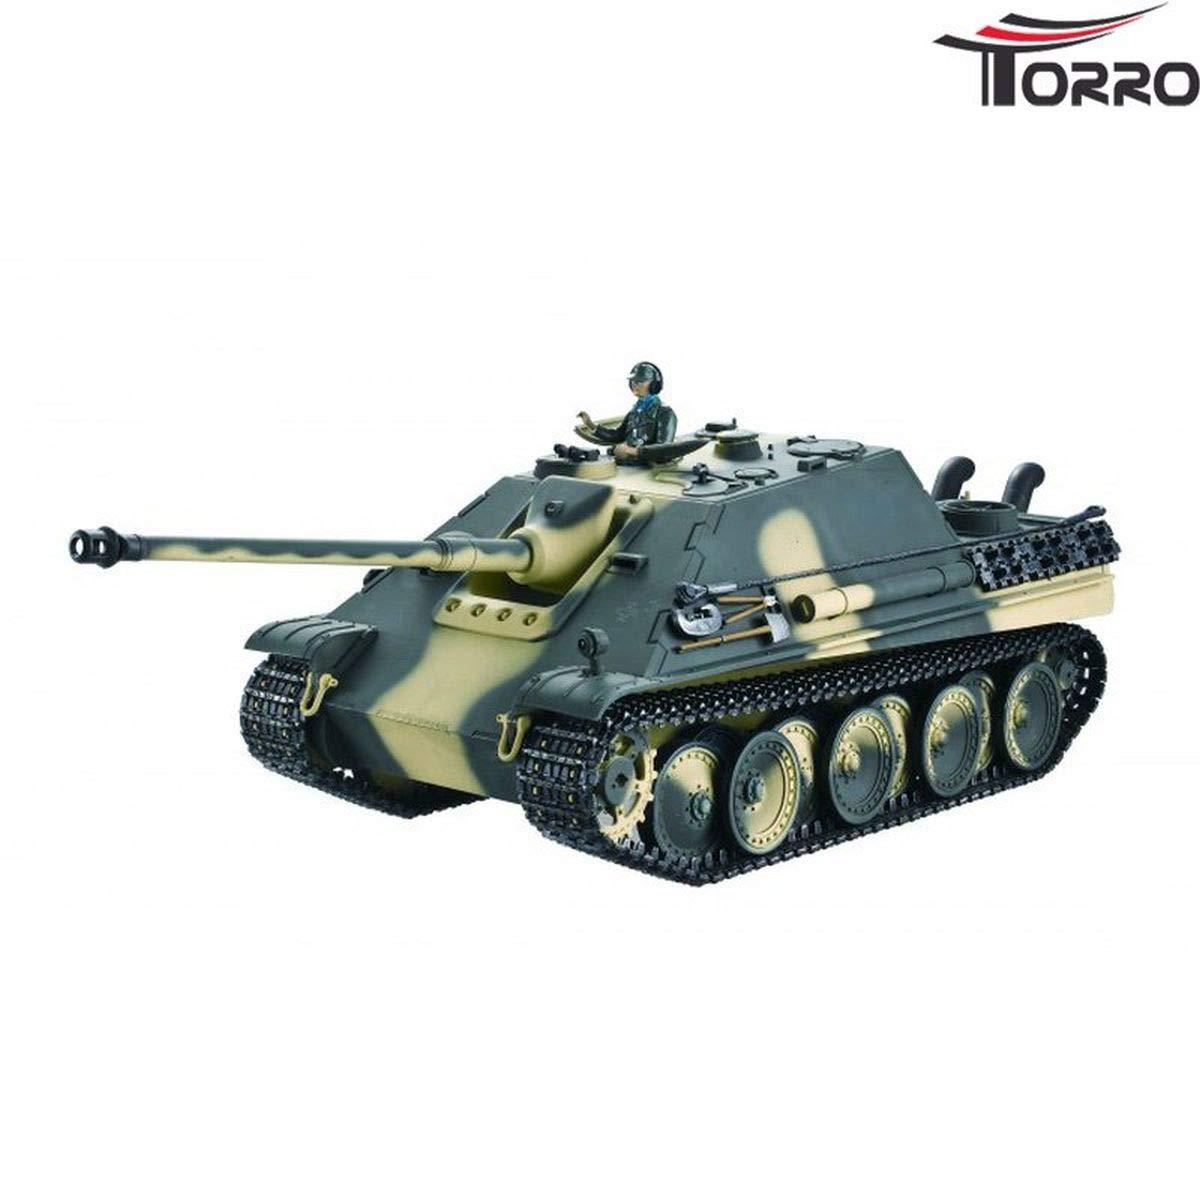 Torro Jagdpanther mit Metallketten 2.4 GHz-Edition Sommertarn Version BB 111423